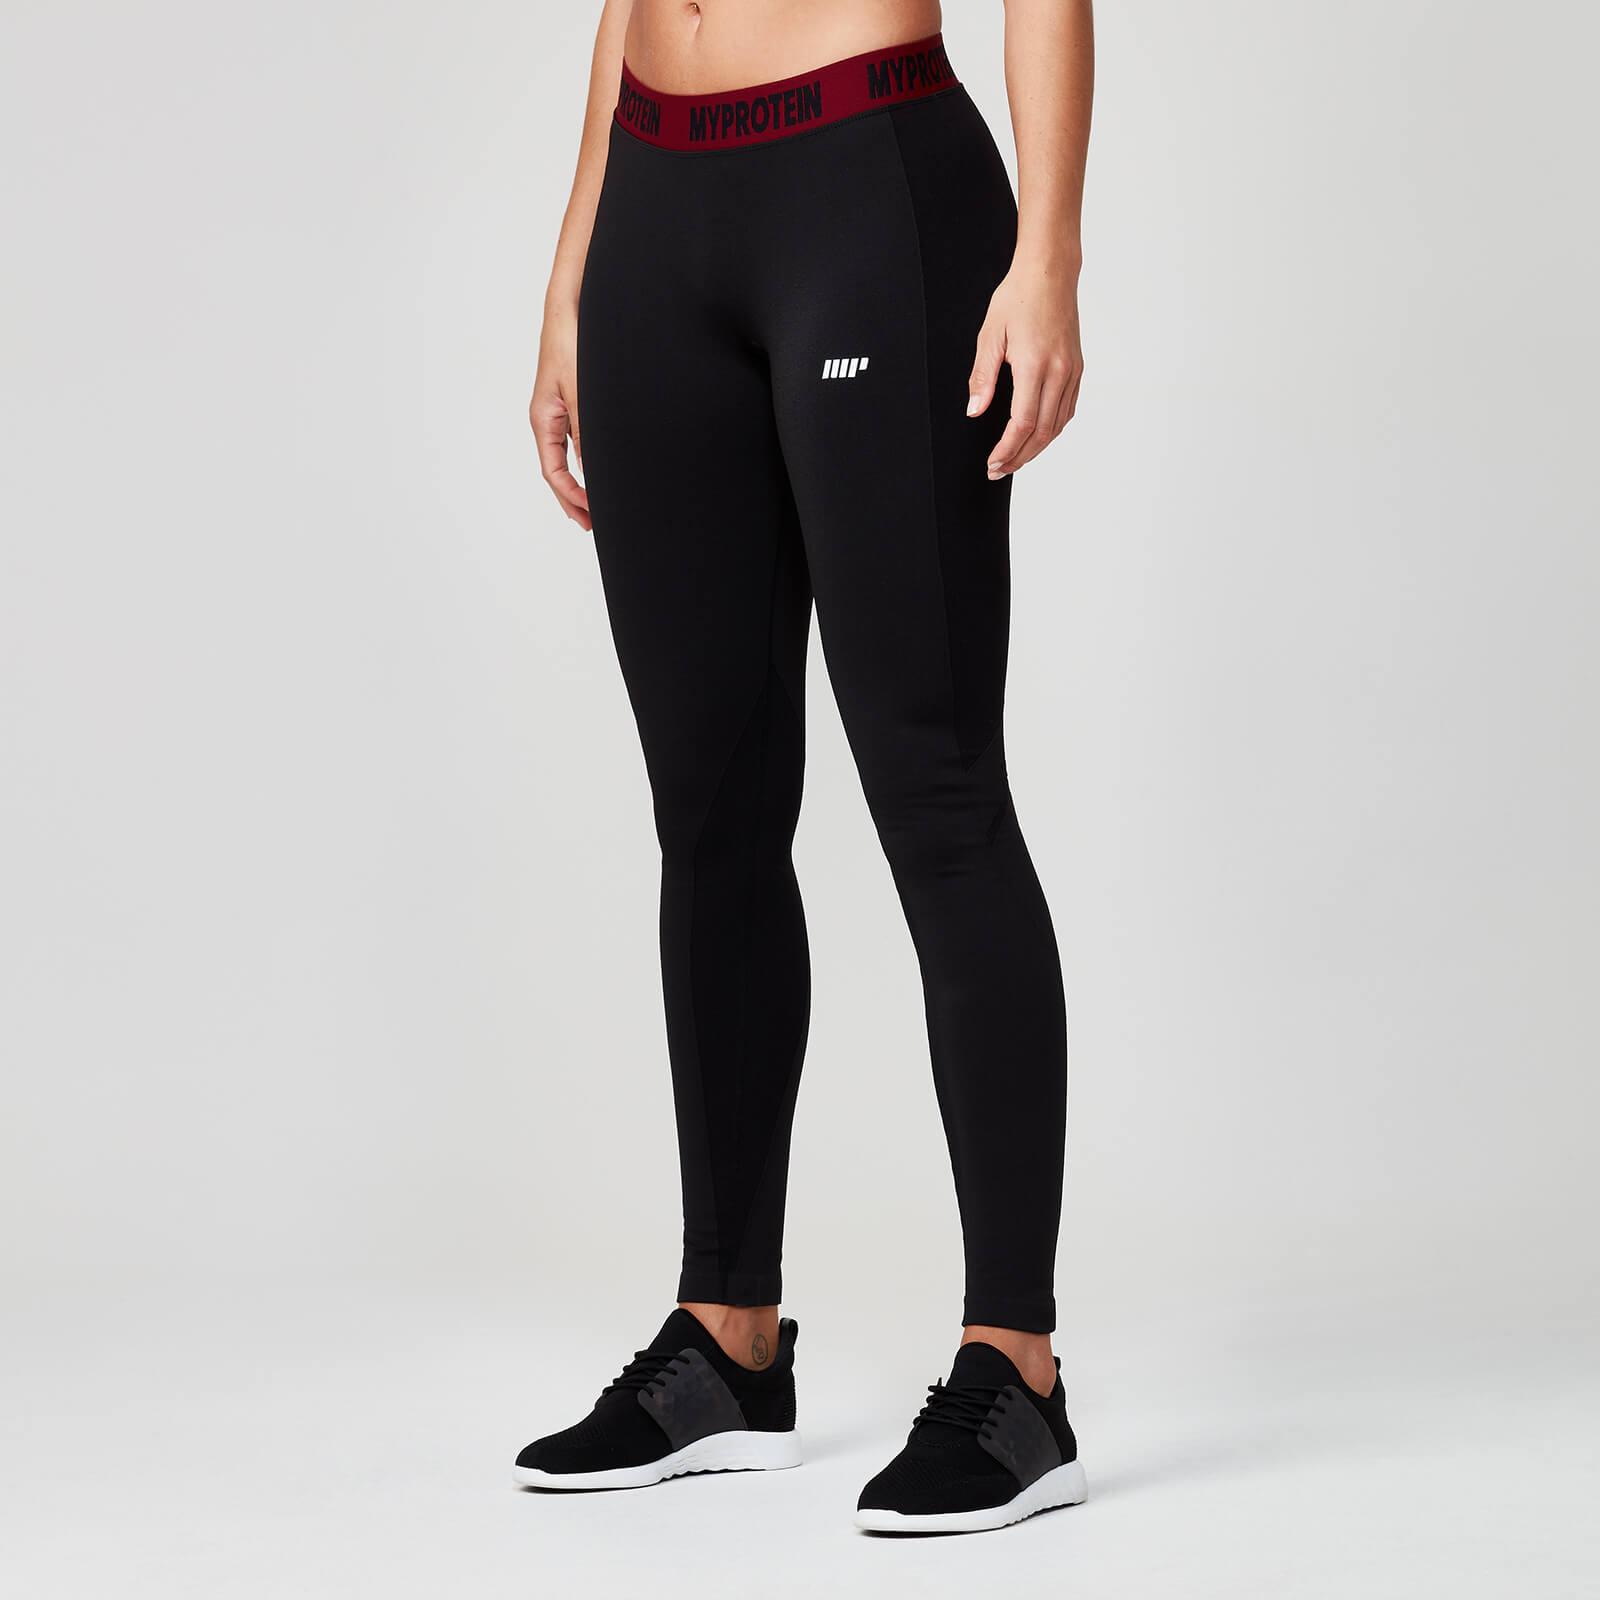 Fitness Leggings South Africa: Buy Women's Seamless Leggings Grey